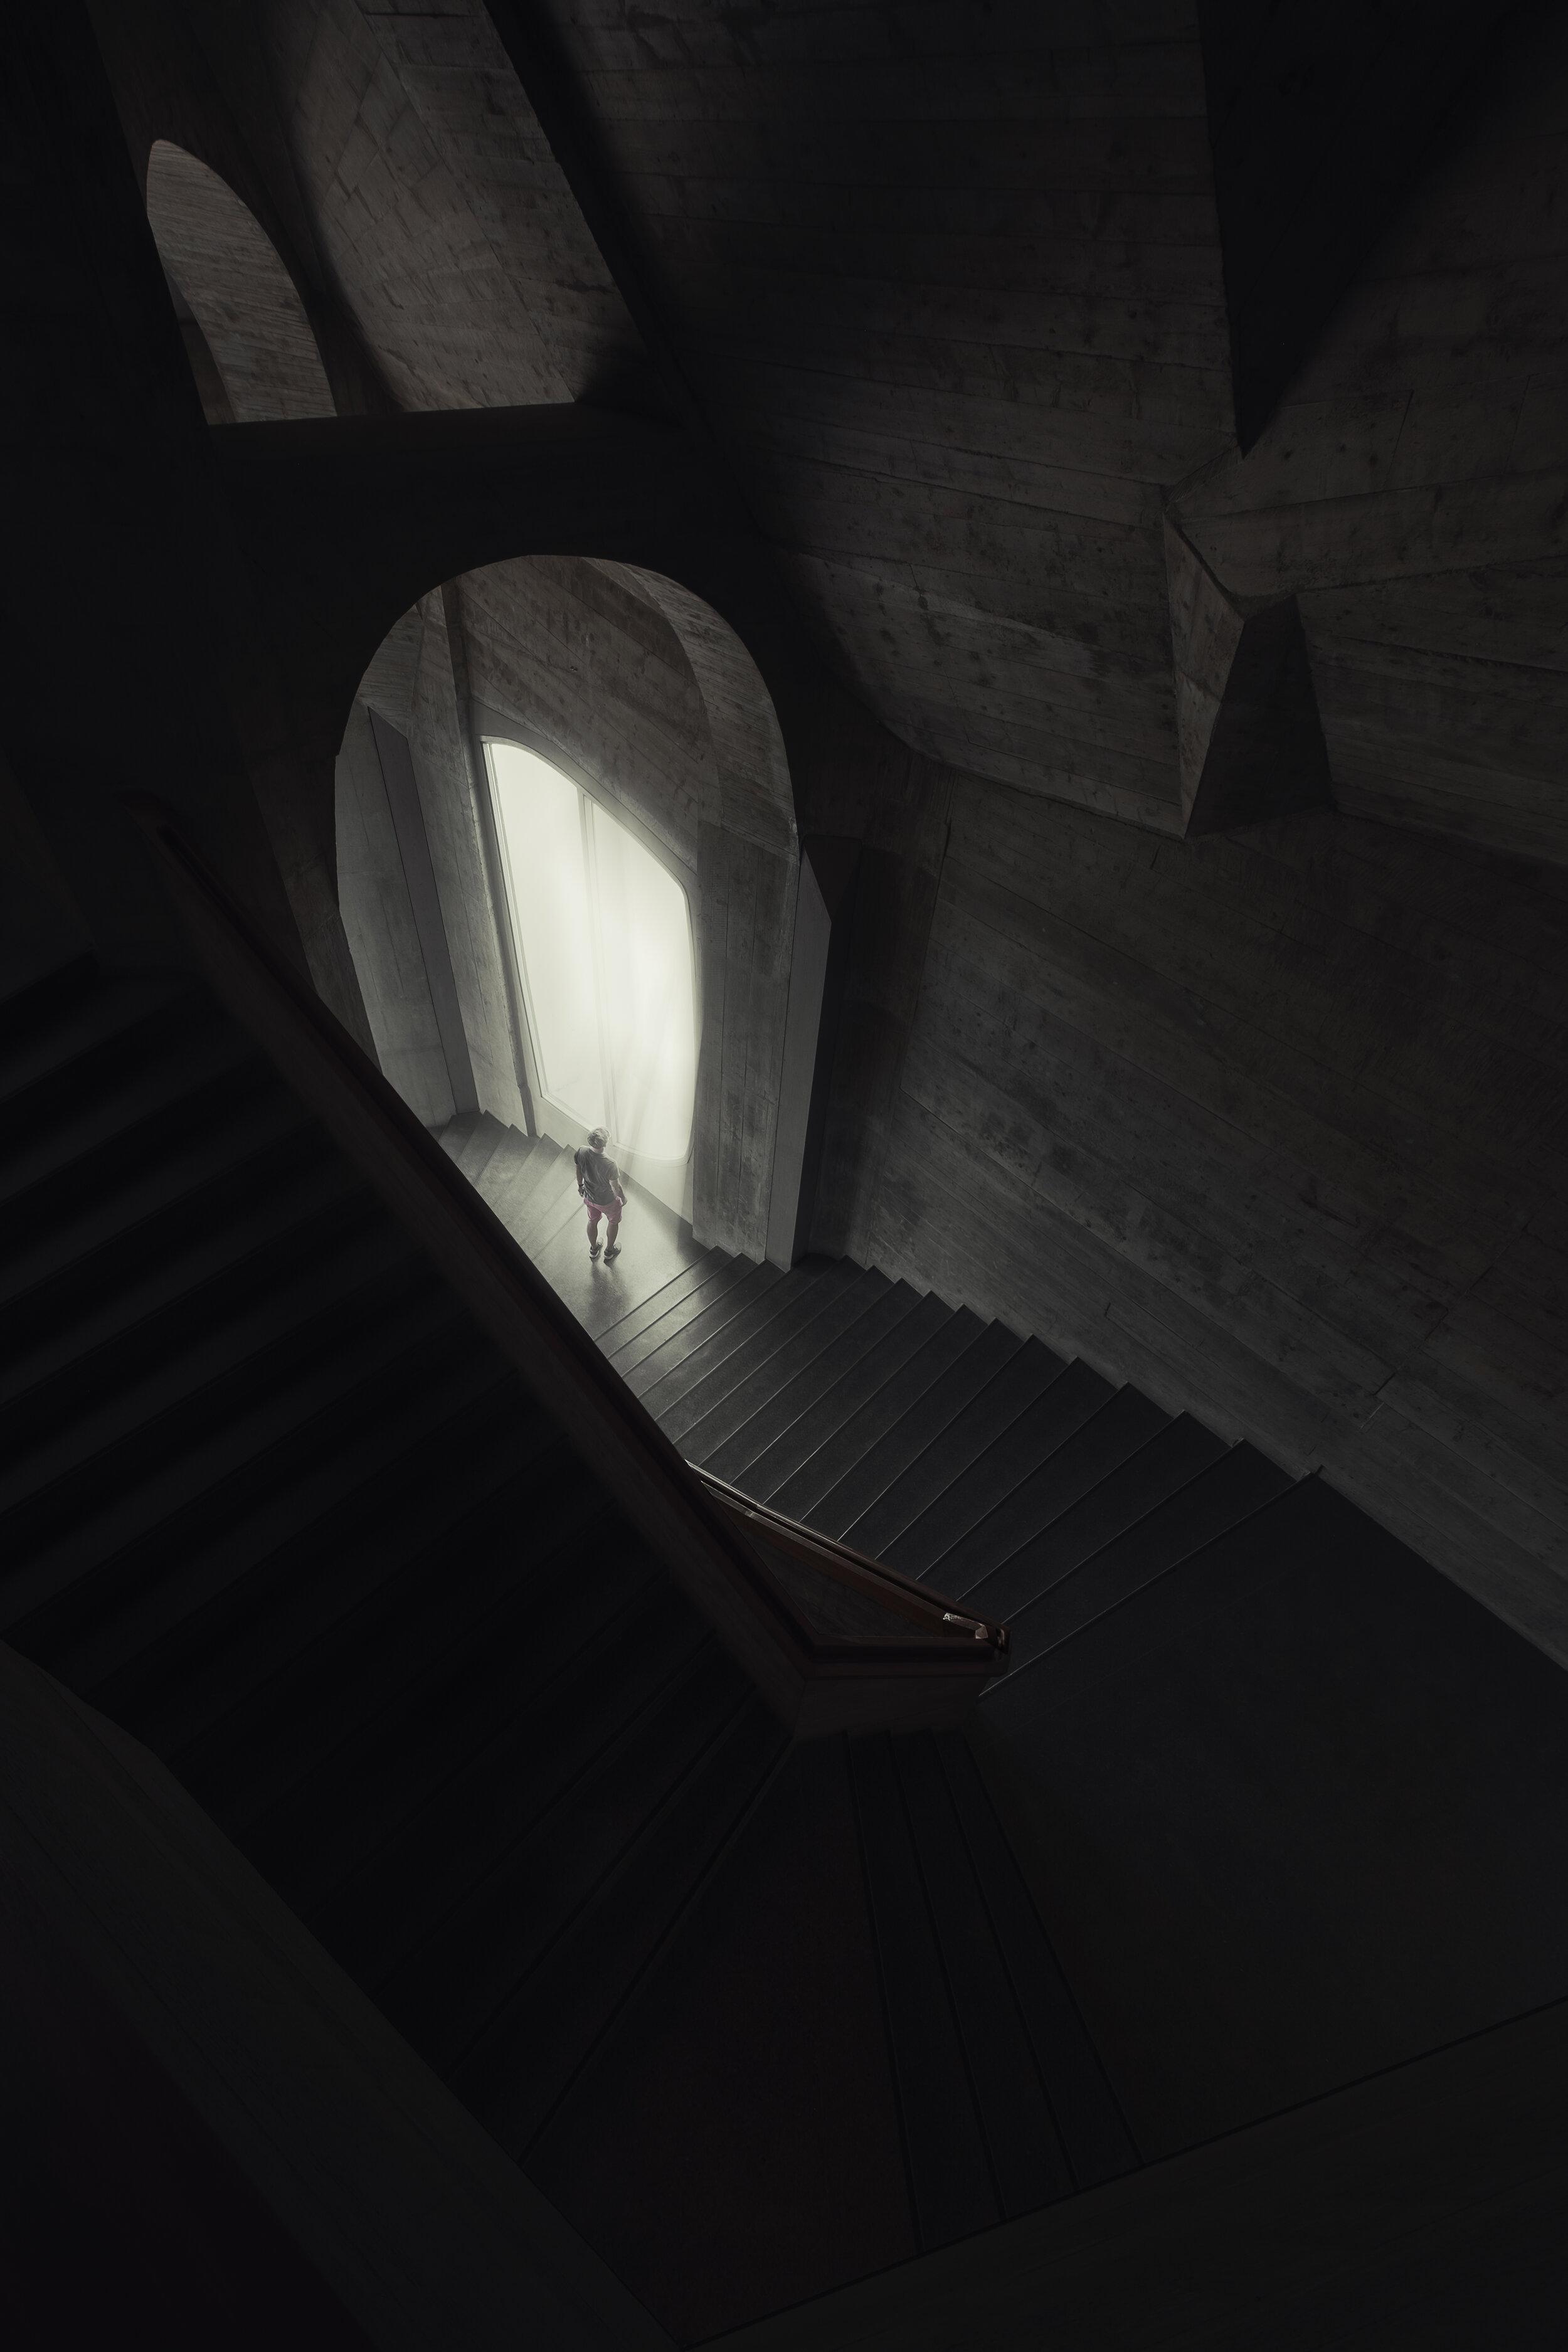 Goetheanum_2019_MTD_533.jpg